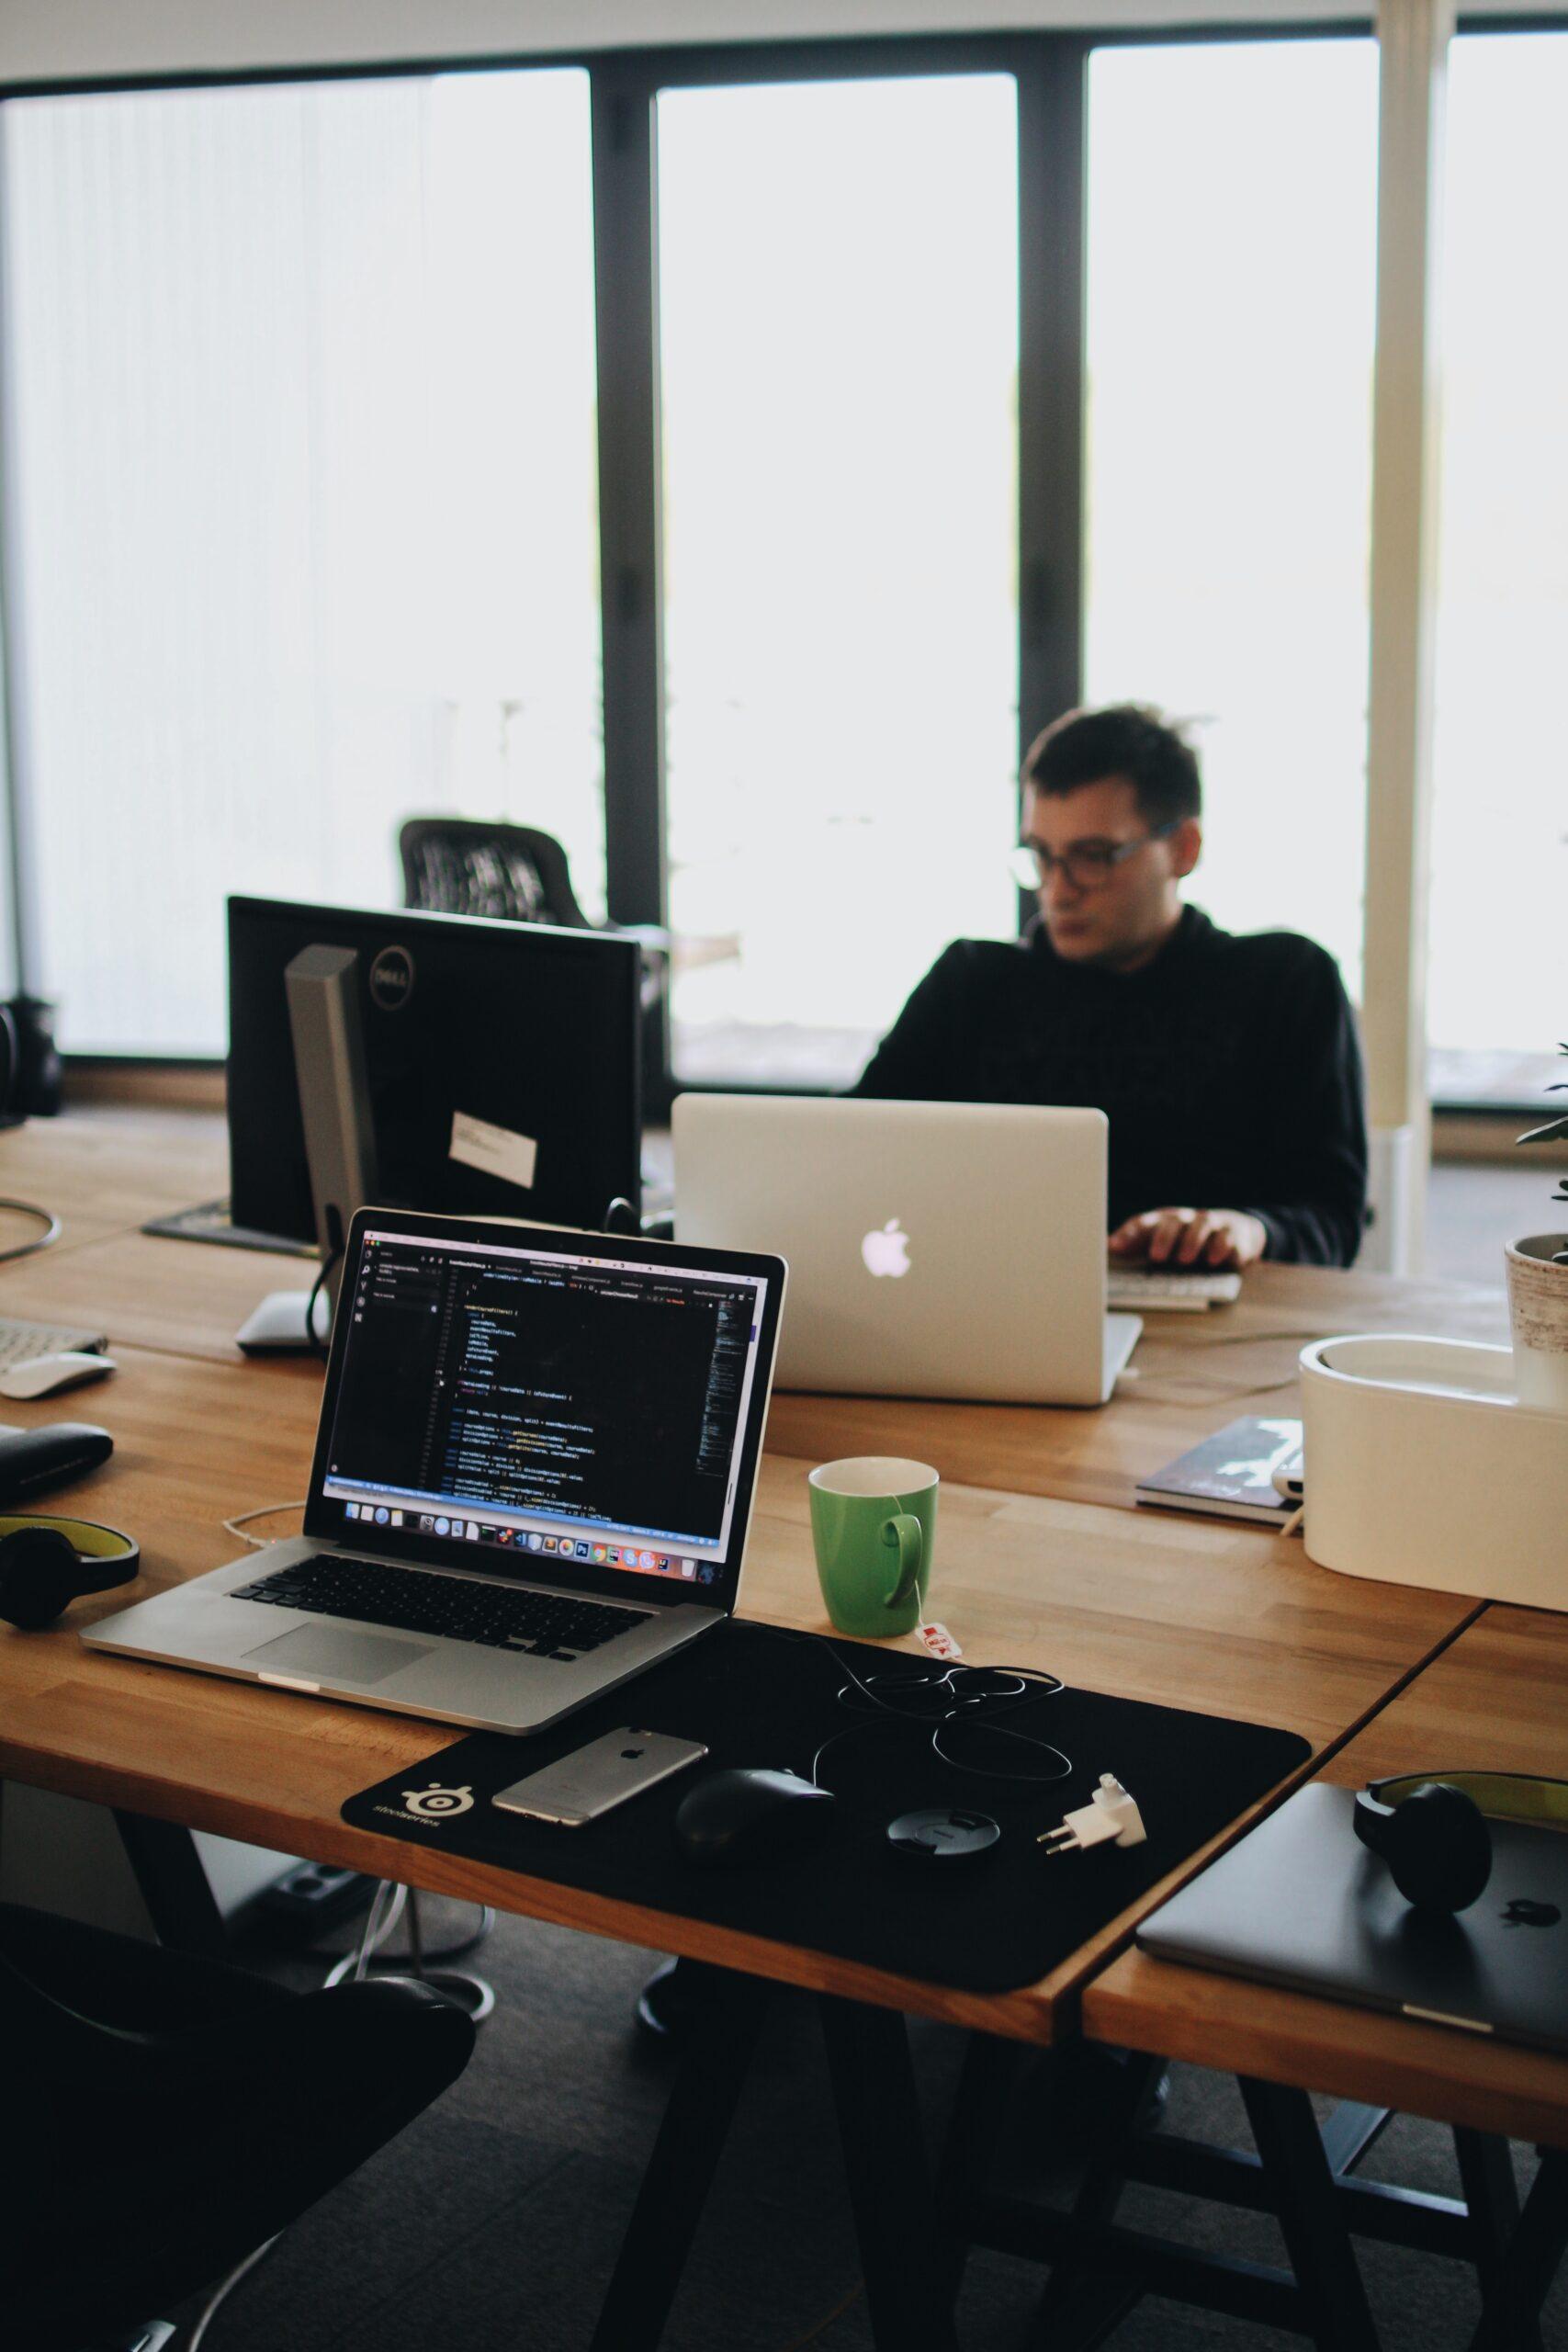 Κατασκευή Ιστοσελίδων και Κατασκευή Eshop